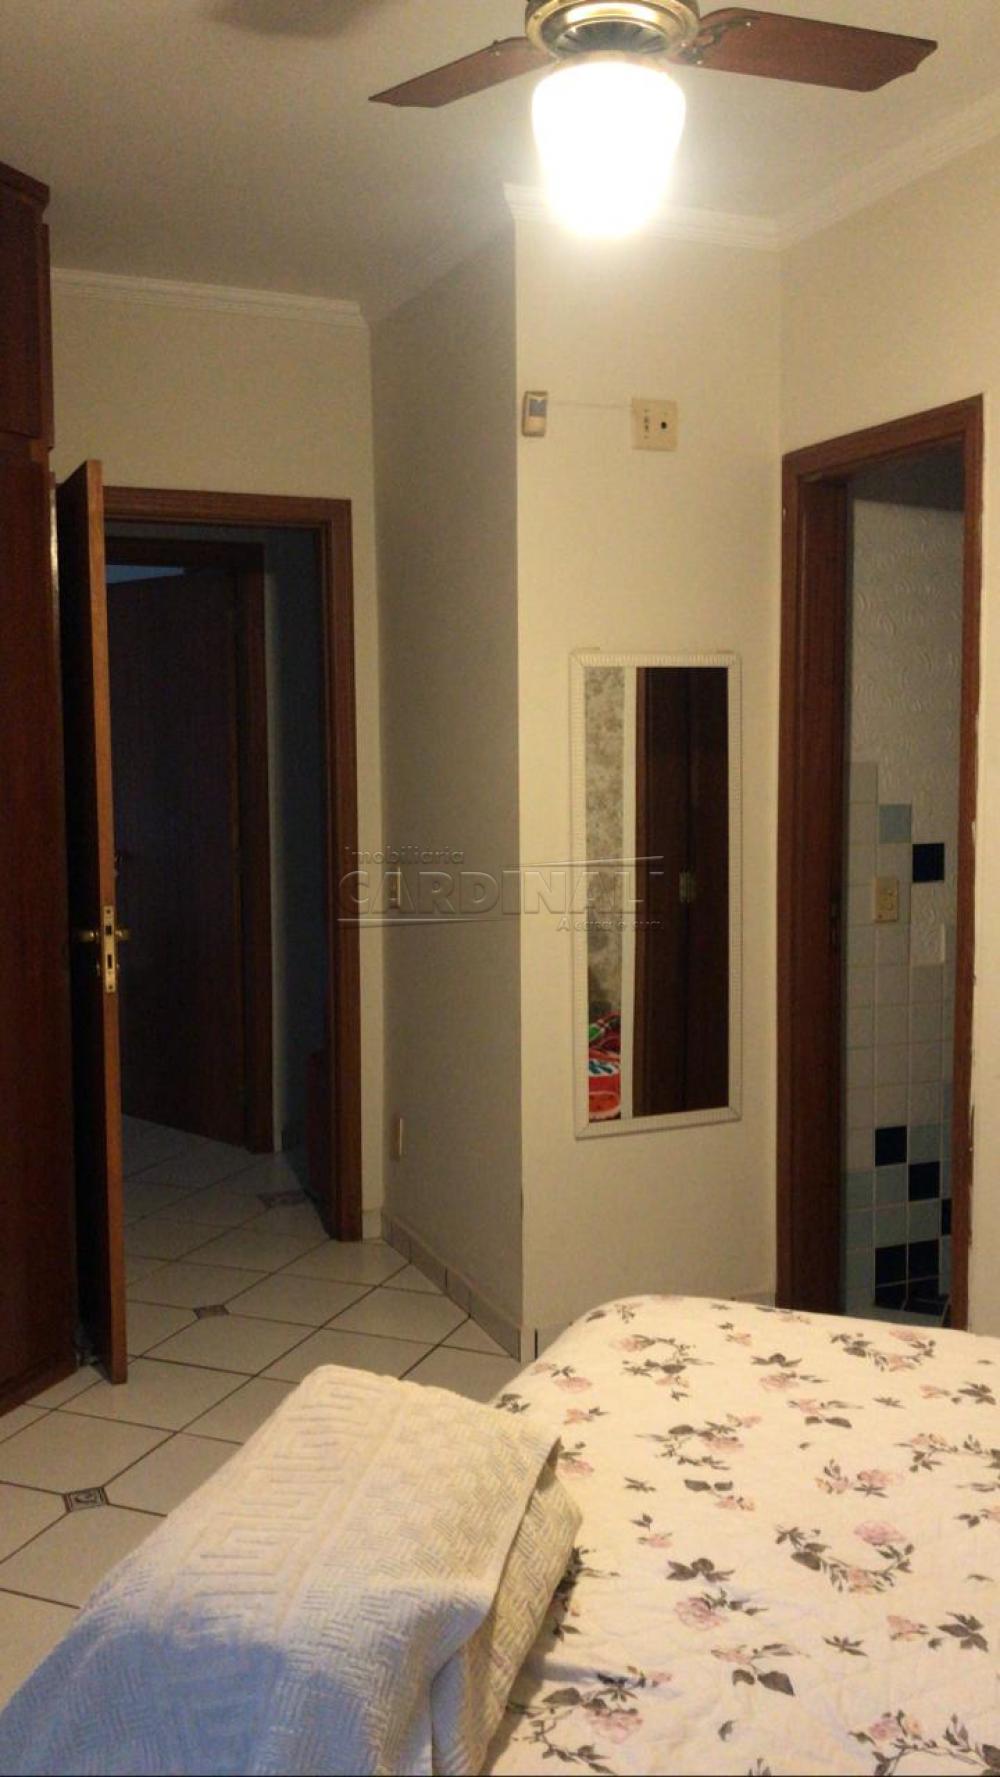 Comprar Casa / Padrão em Araraquara R$ 900.000,00 - Foto 3